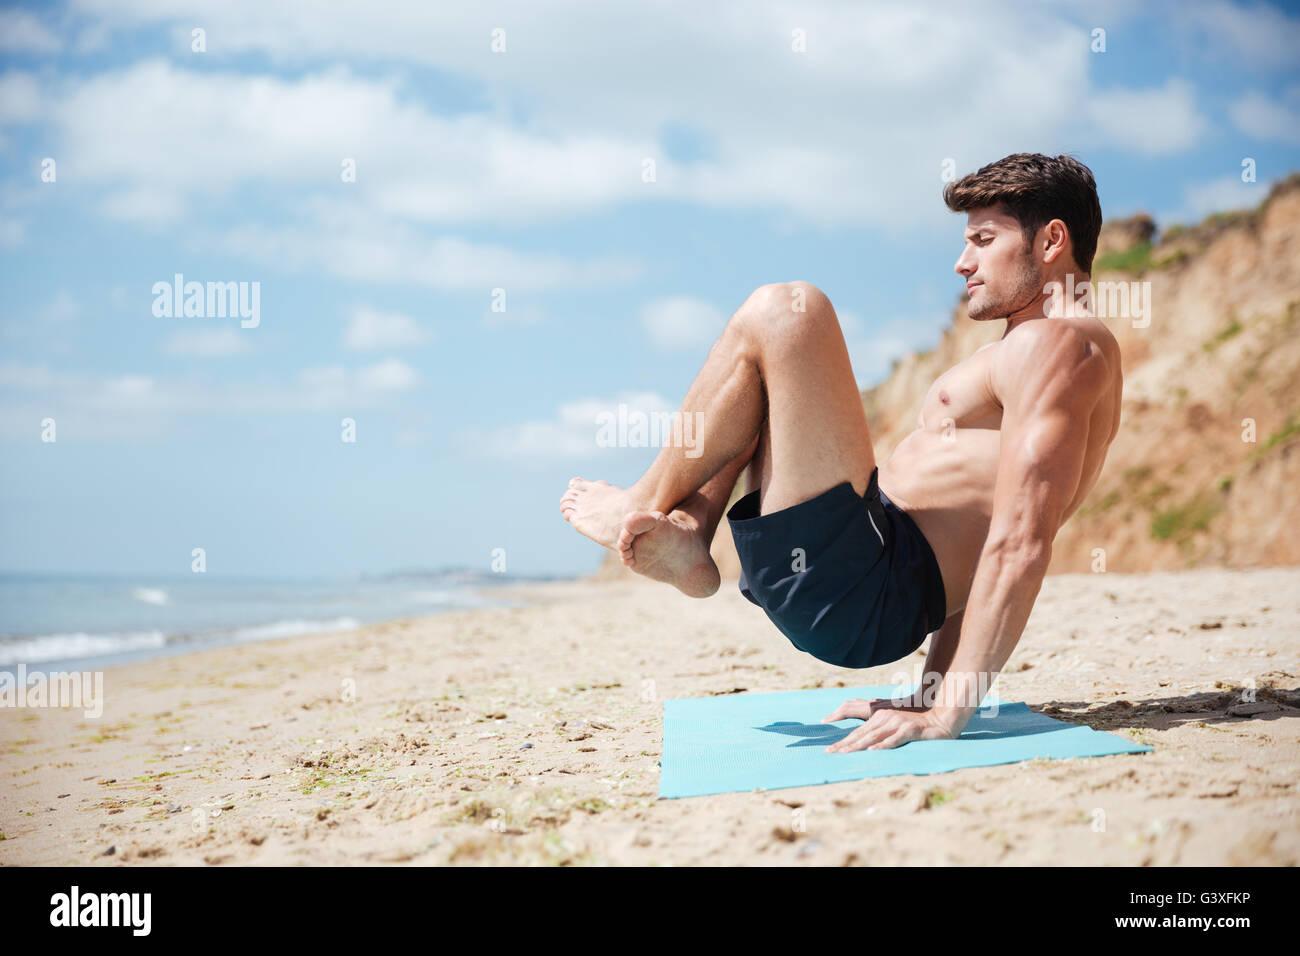 Hombre con los ojos cerrados el equilibrio sobre sus manos y practicando yoga en la playa Imagen De Stock